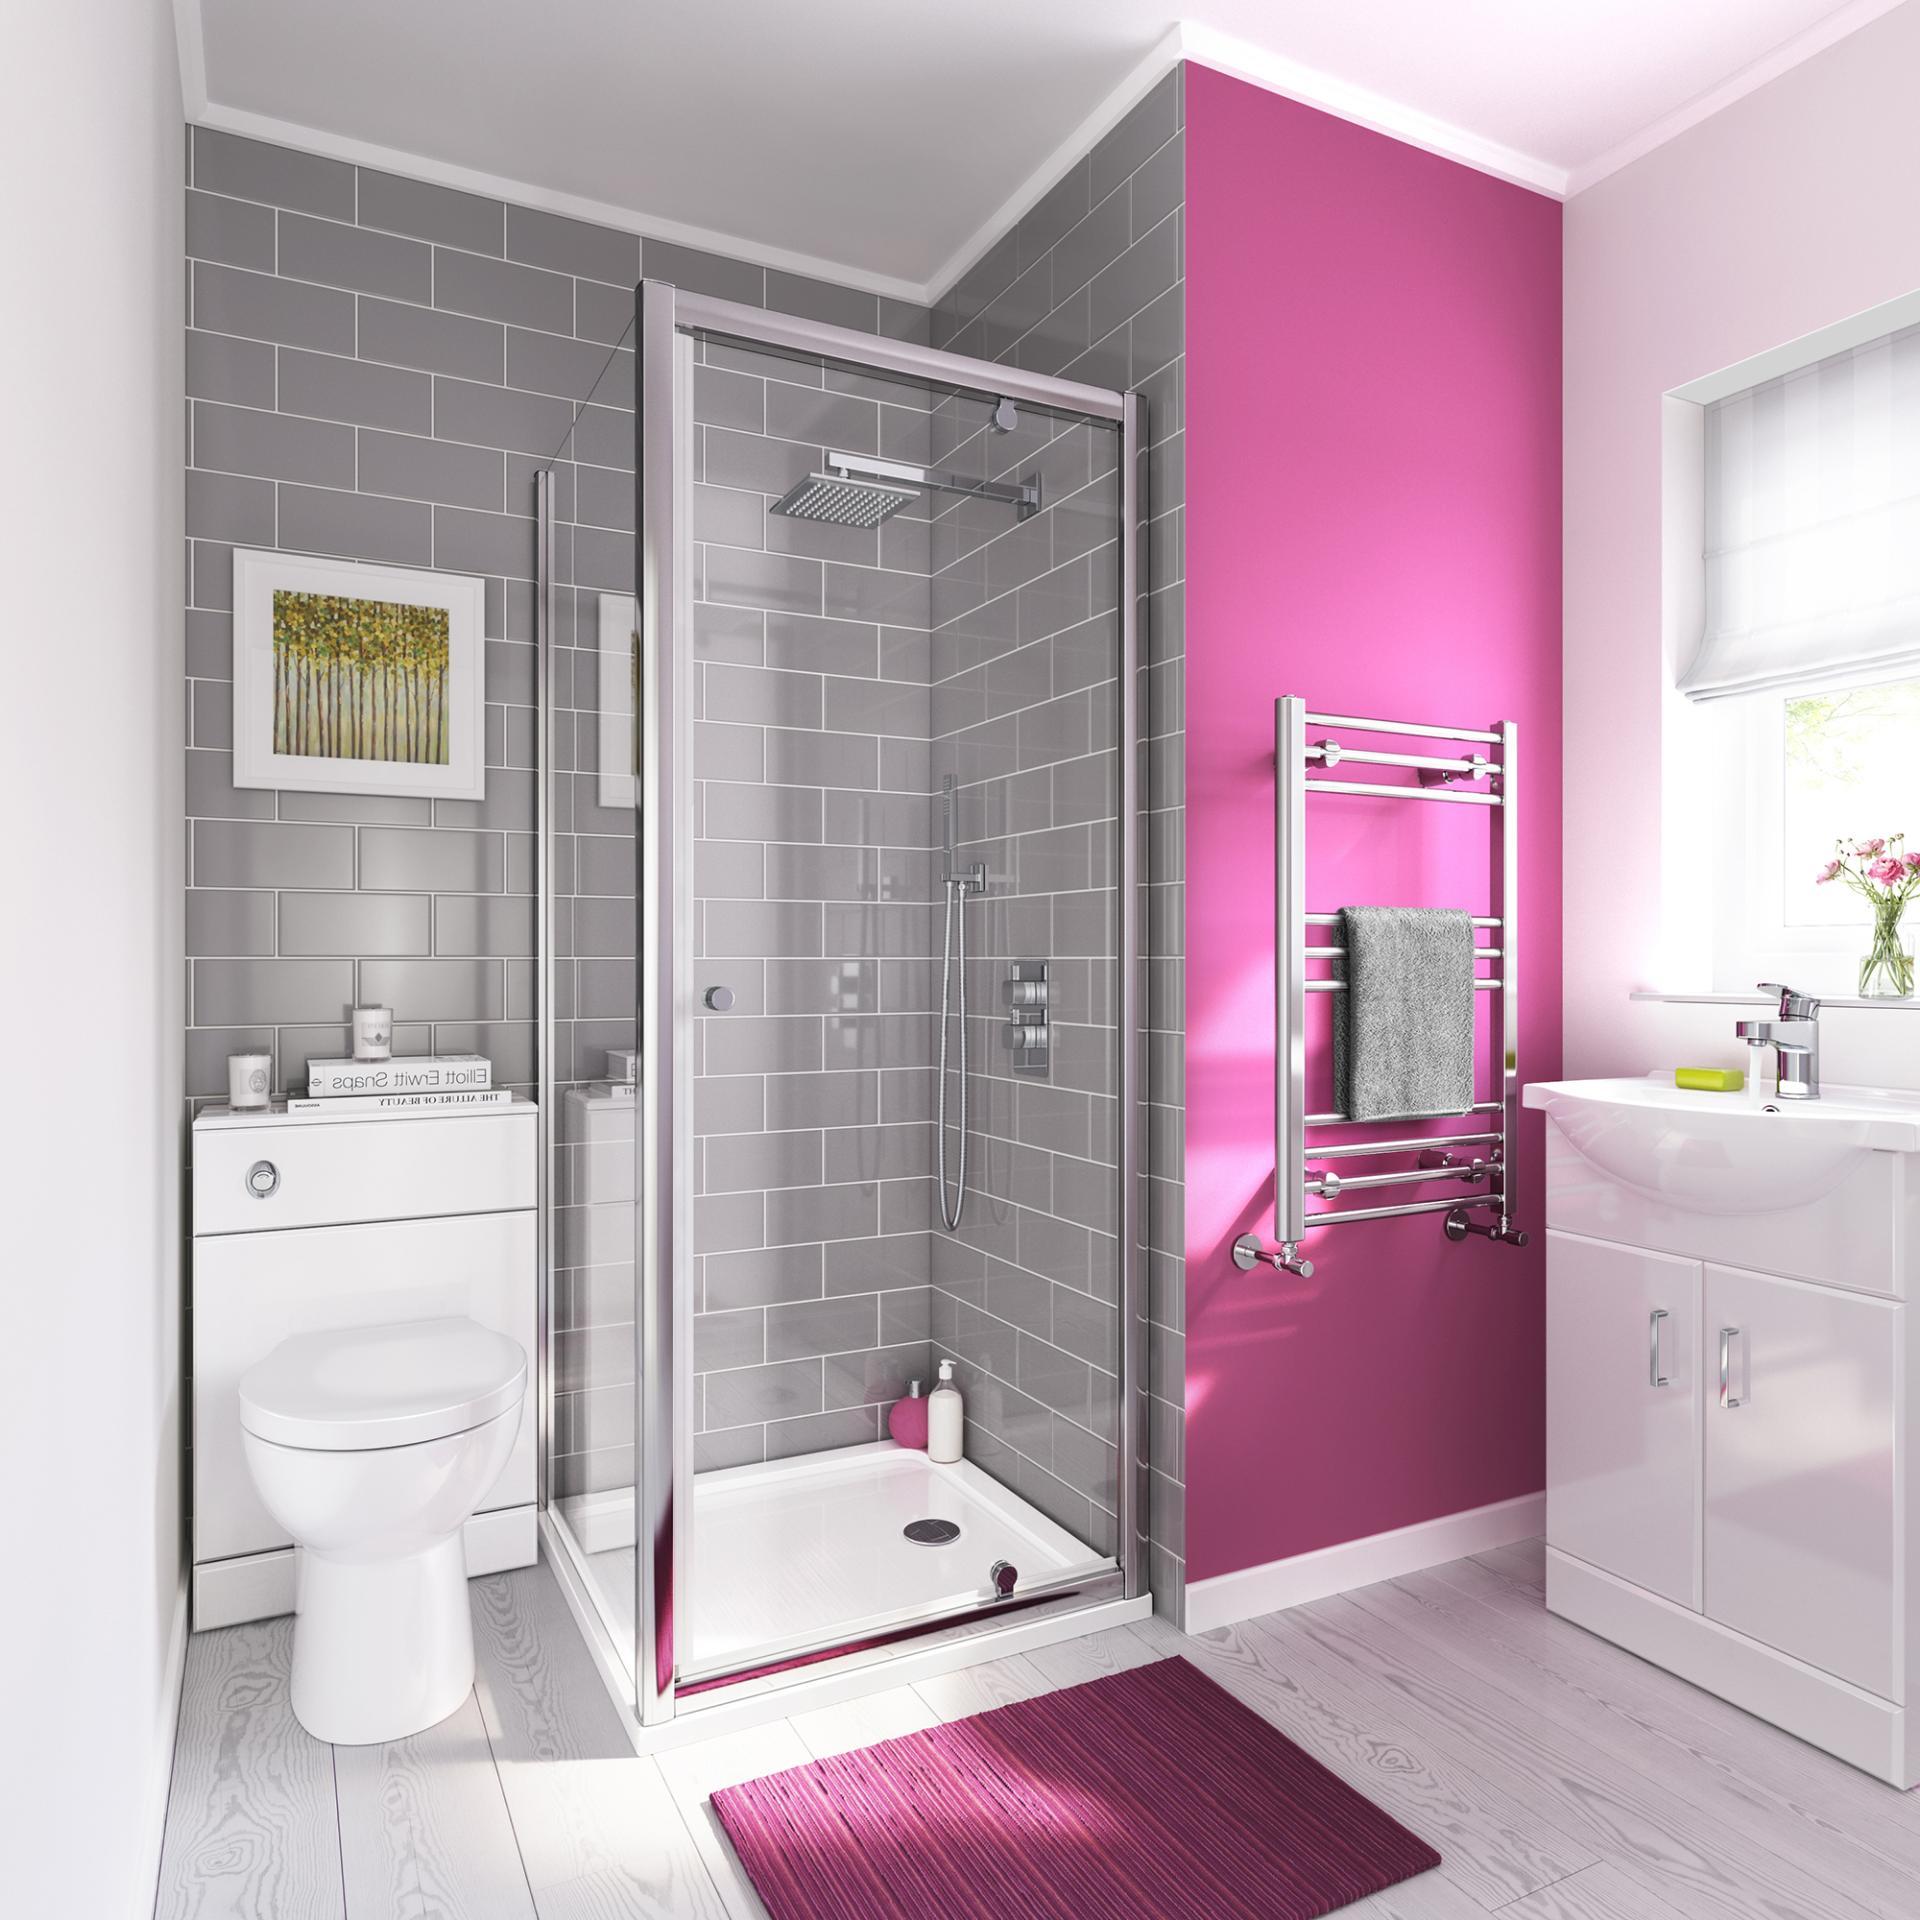 Ванная комната с душевой кабиной дизайн: современный дизайн ванной комнаты фото